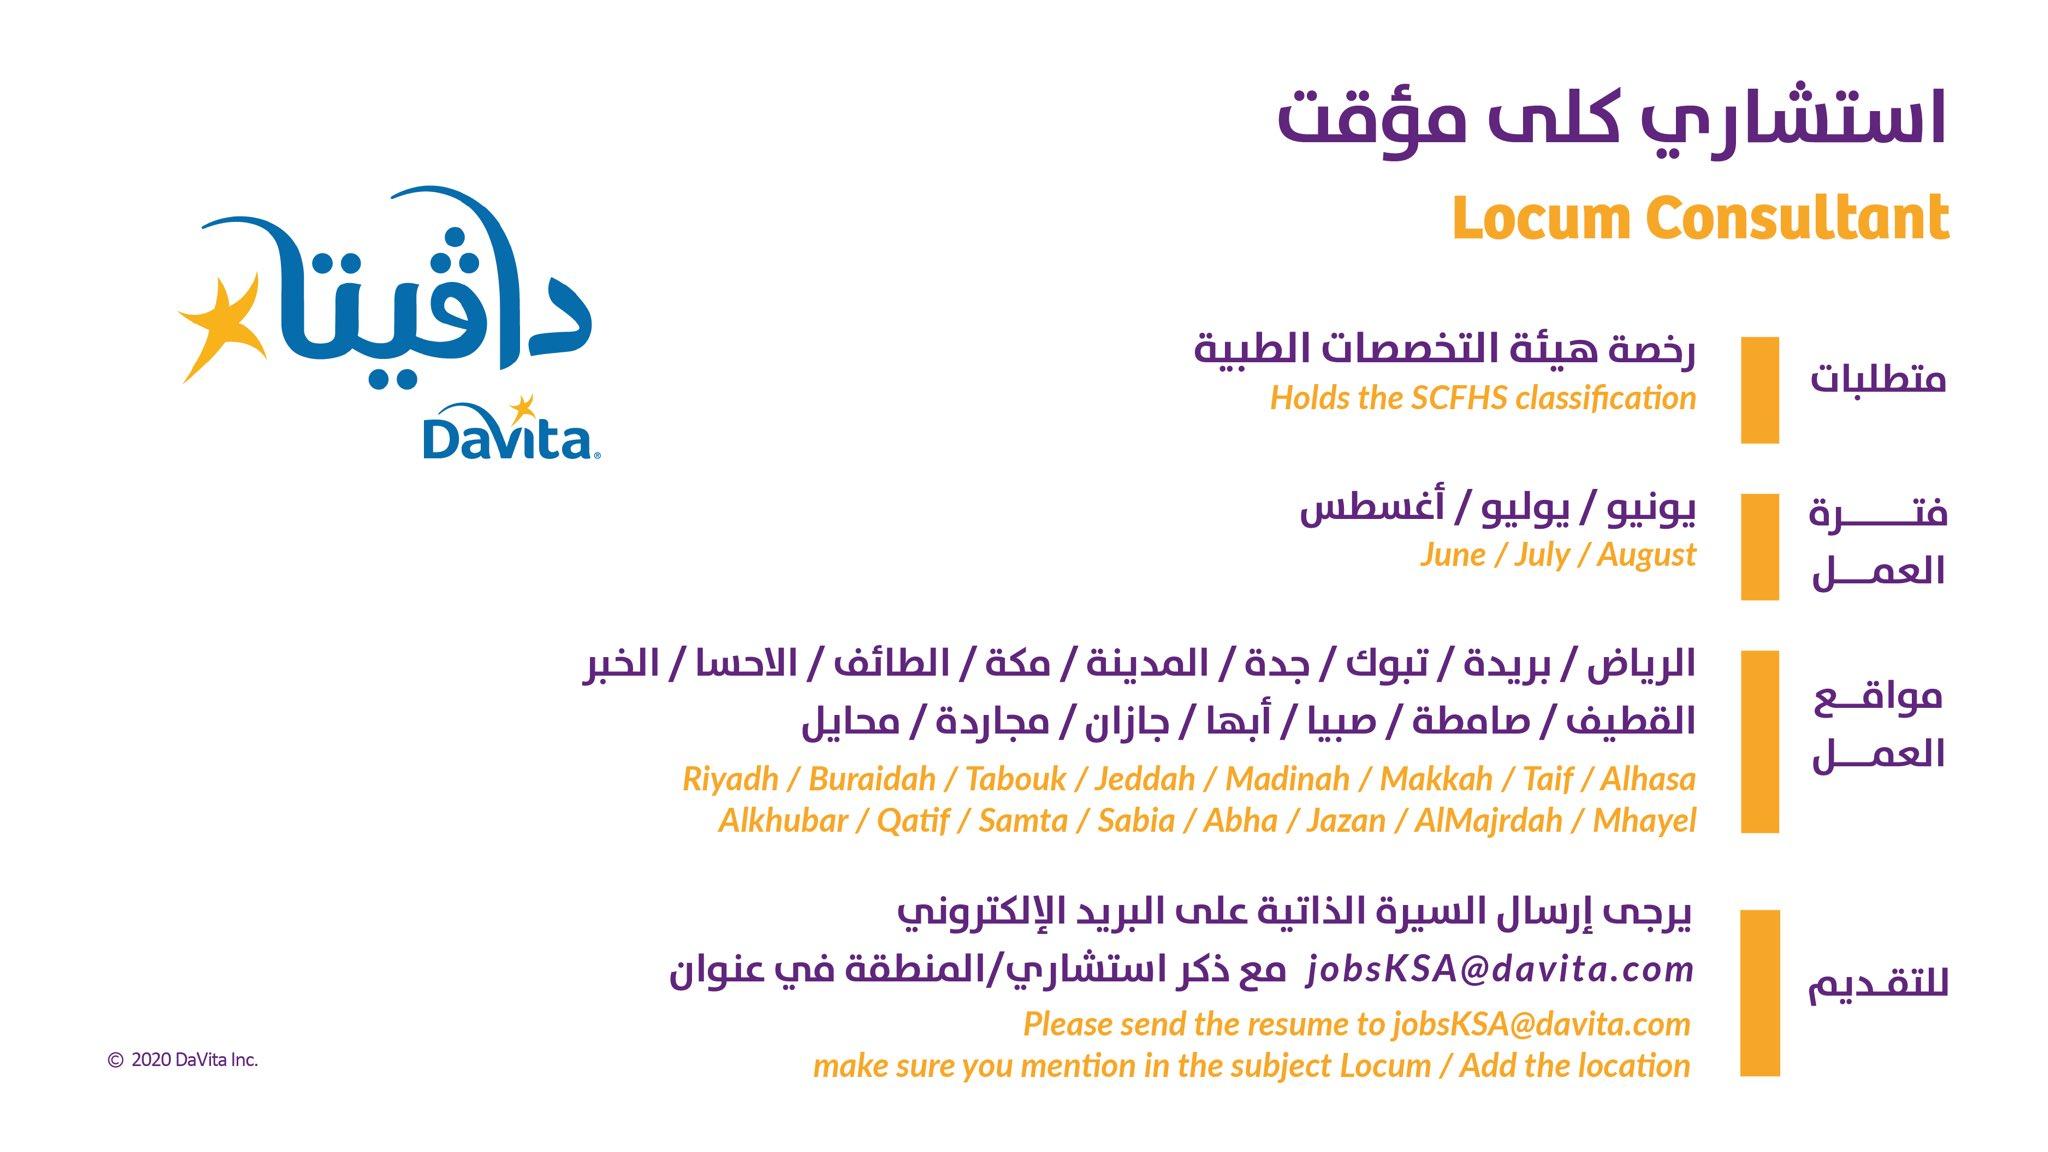 تعلن #دافيتا_السعودية عن وظائف صحية فى مختلف مناطق المملكة   استشارى كلي مؤقت  #وظائف_شاغرة #وظائف_صحية   #وظائف  @DaVitaKSA